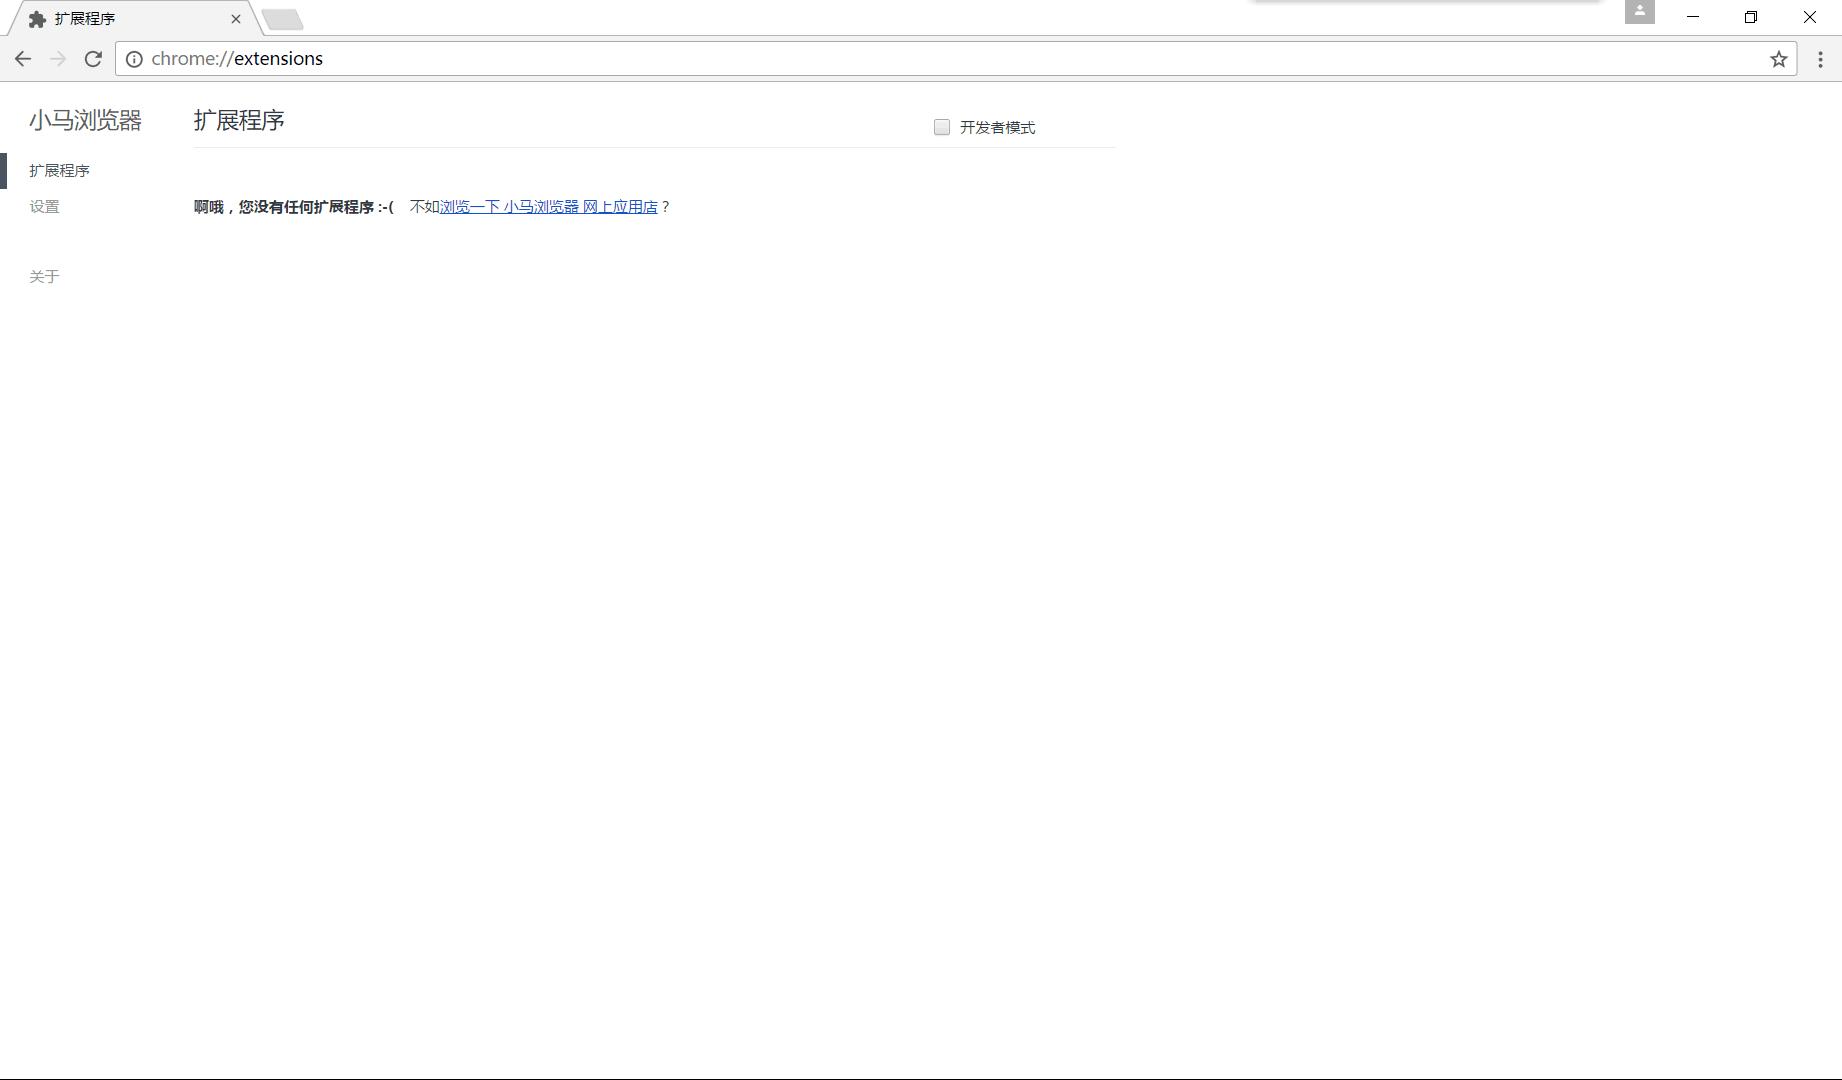 小马浏览器V55.1.0.0 电脑版